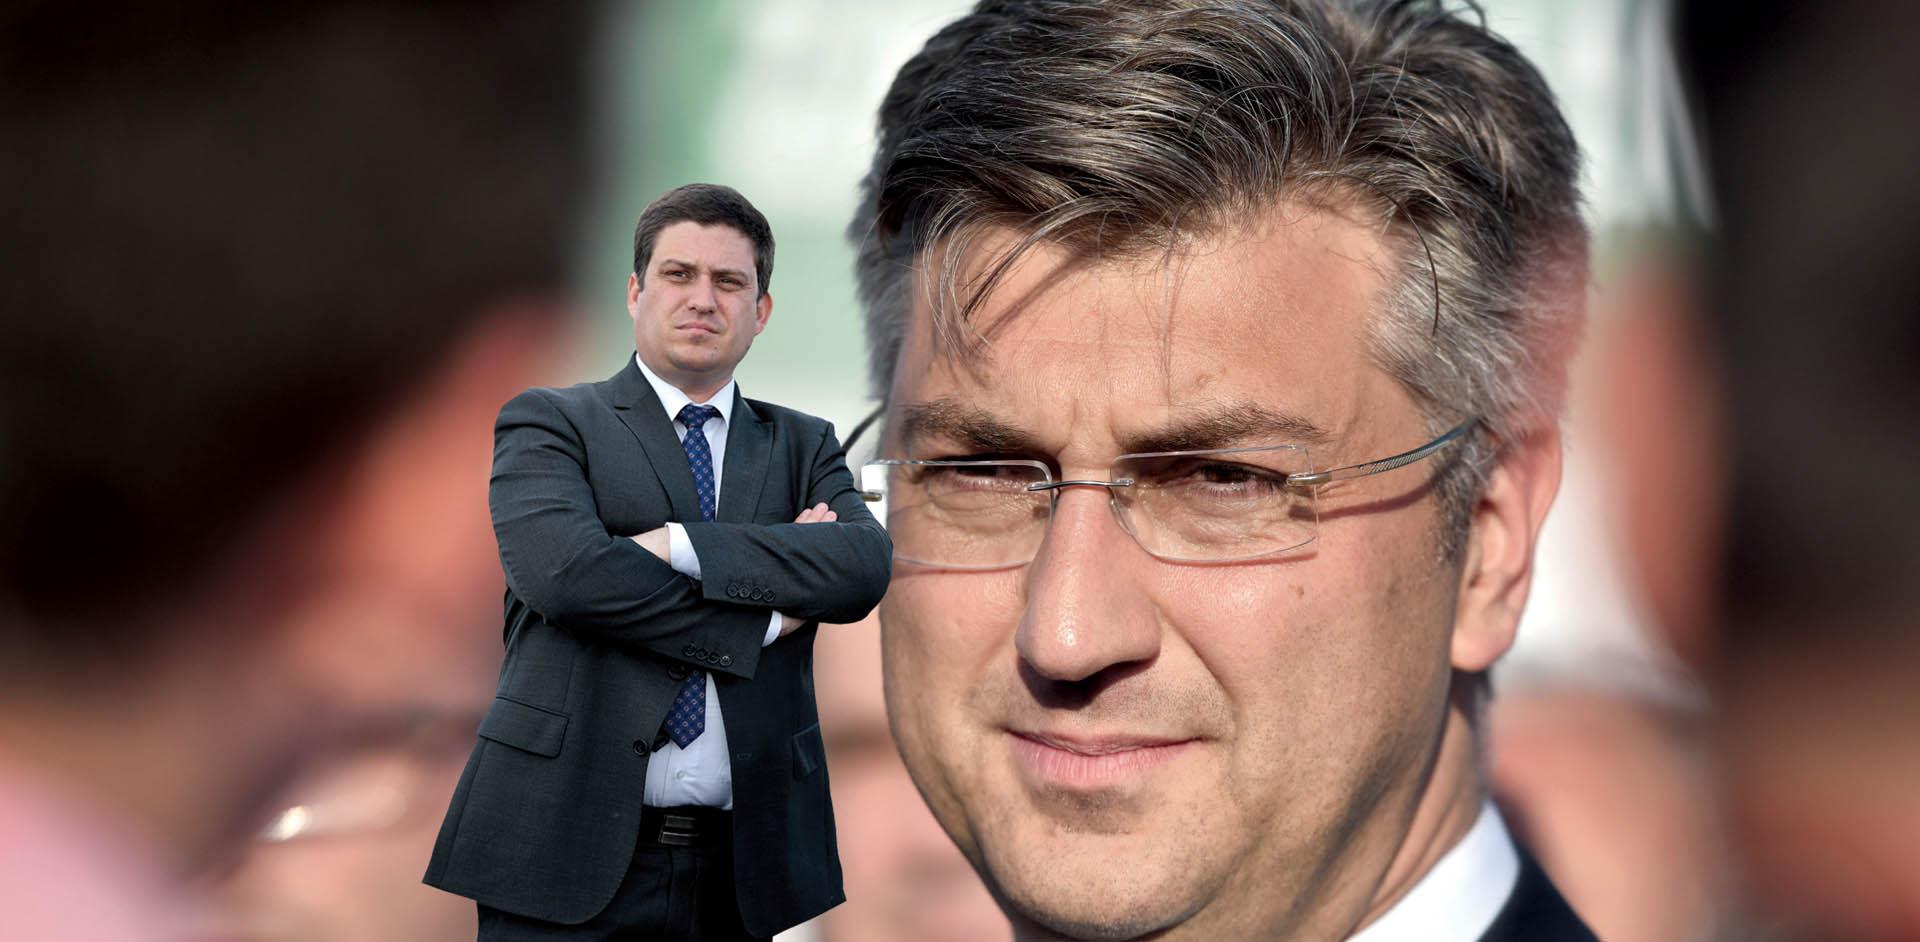 EKSKLUZIVNO Butković radi sumnje u korupciju želi smijeniti šefa Jadrolinije